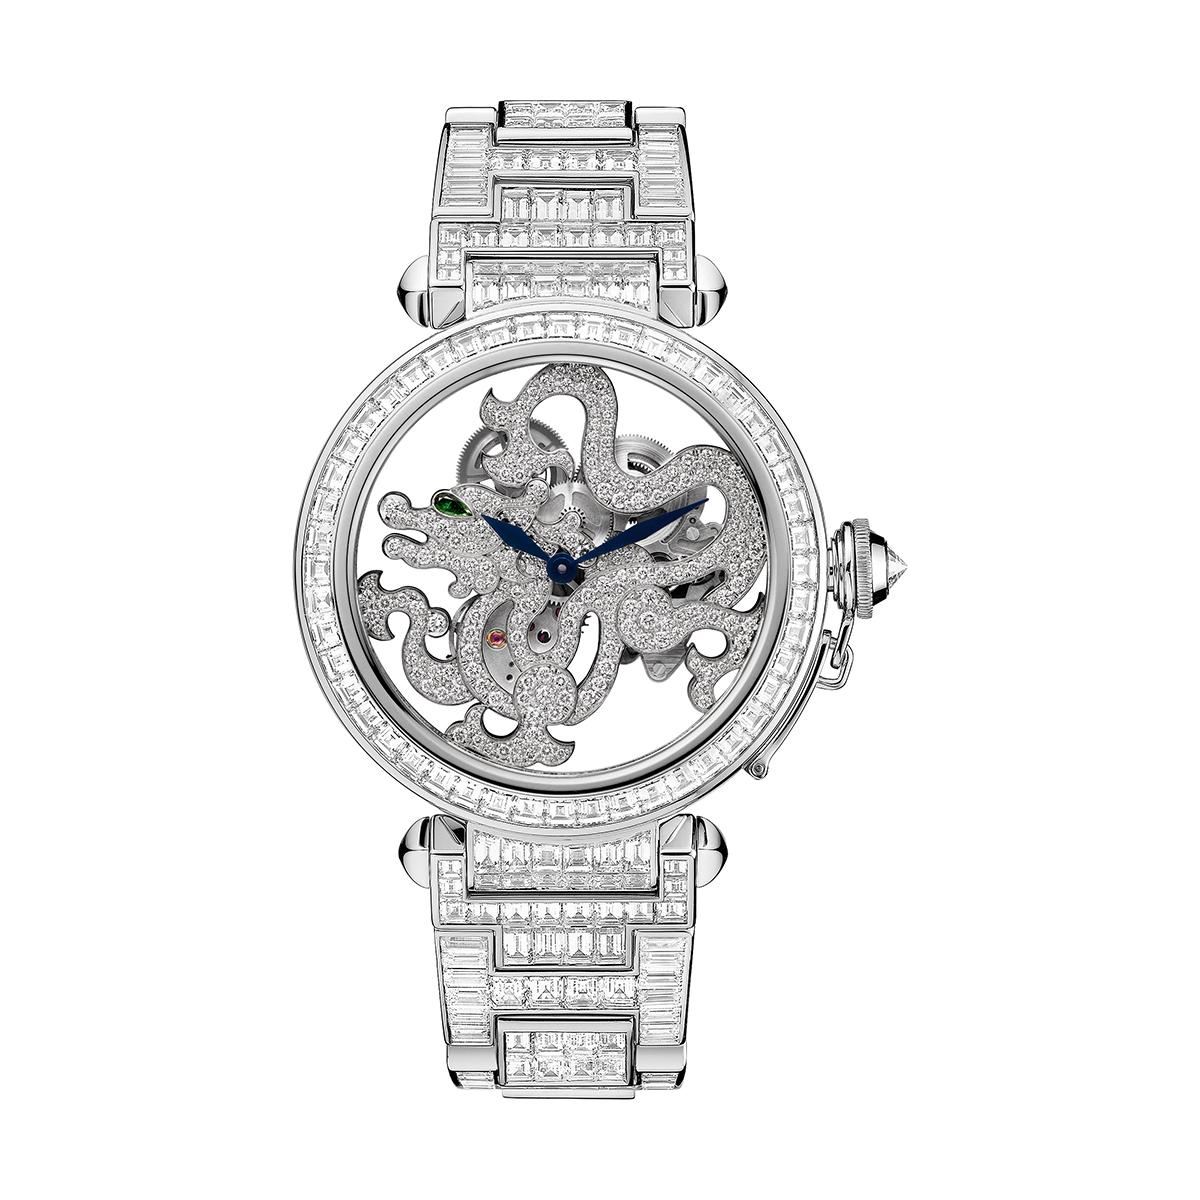 Pasha de Cartier Skeleton Dragon Motif watch, strap set with brilliant-cut diamonds; limited edition of 10 watchs, strap set with baguette diamonds